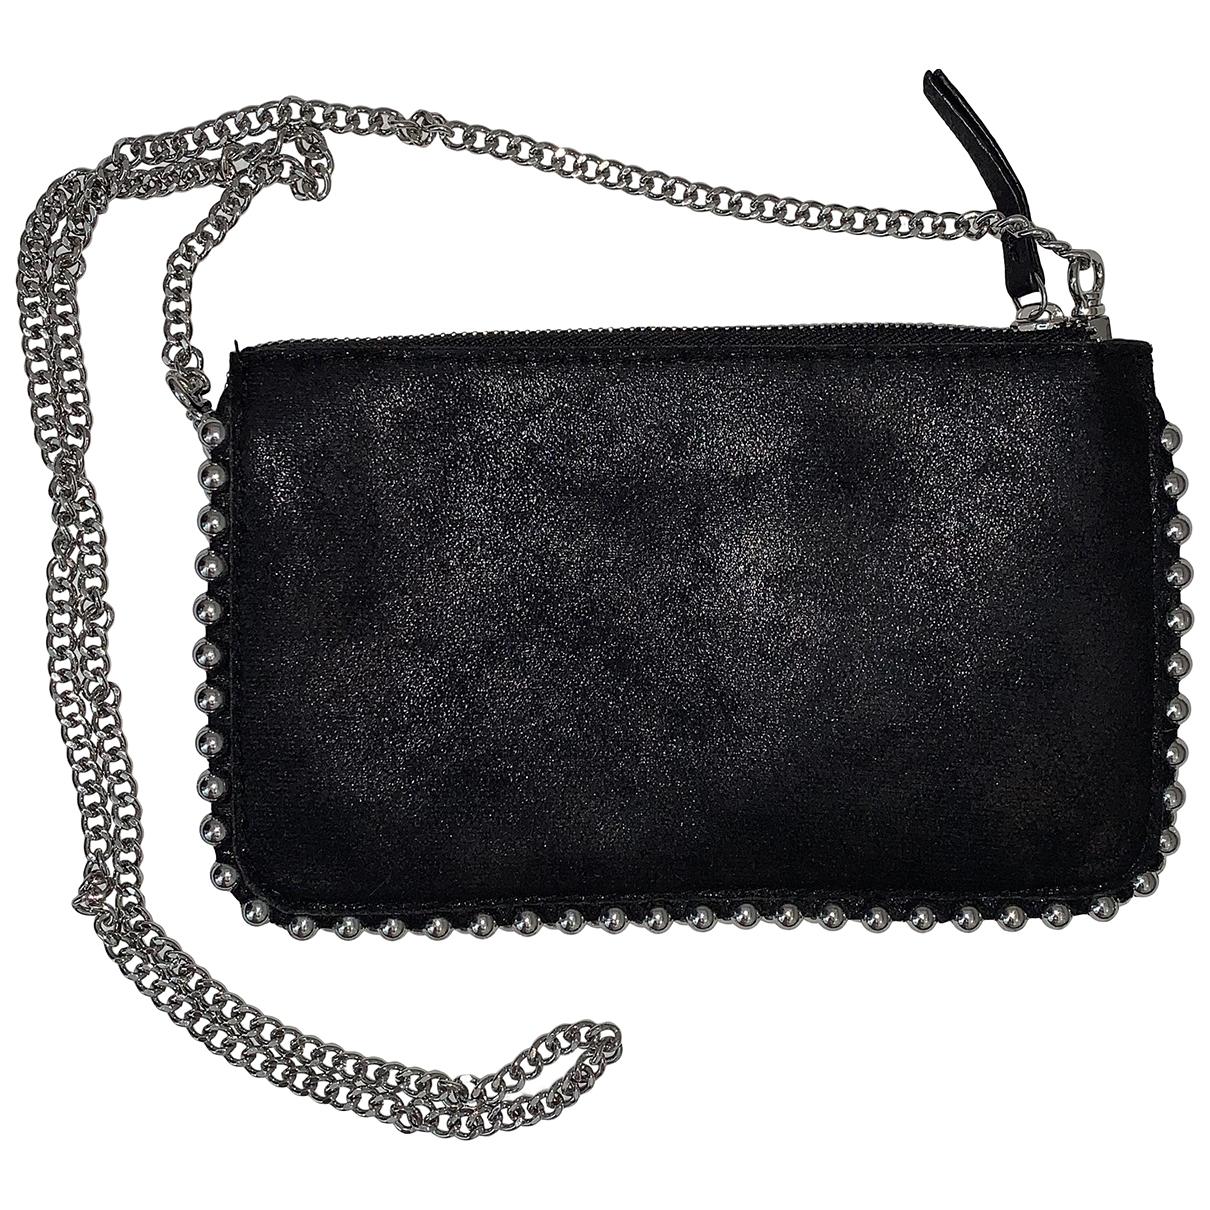 Bolsos clutch en Poliester Negro Zara